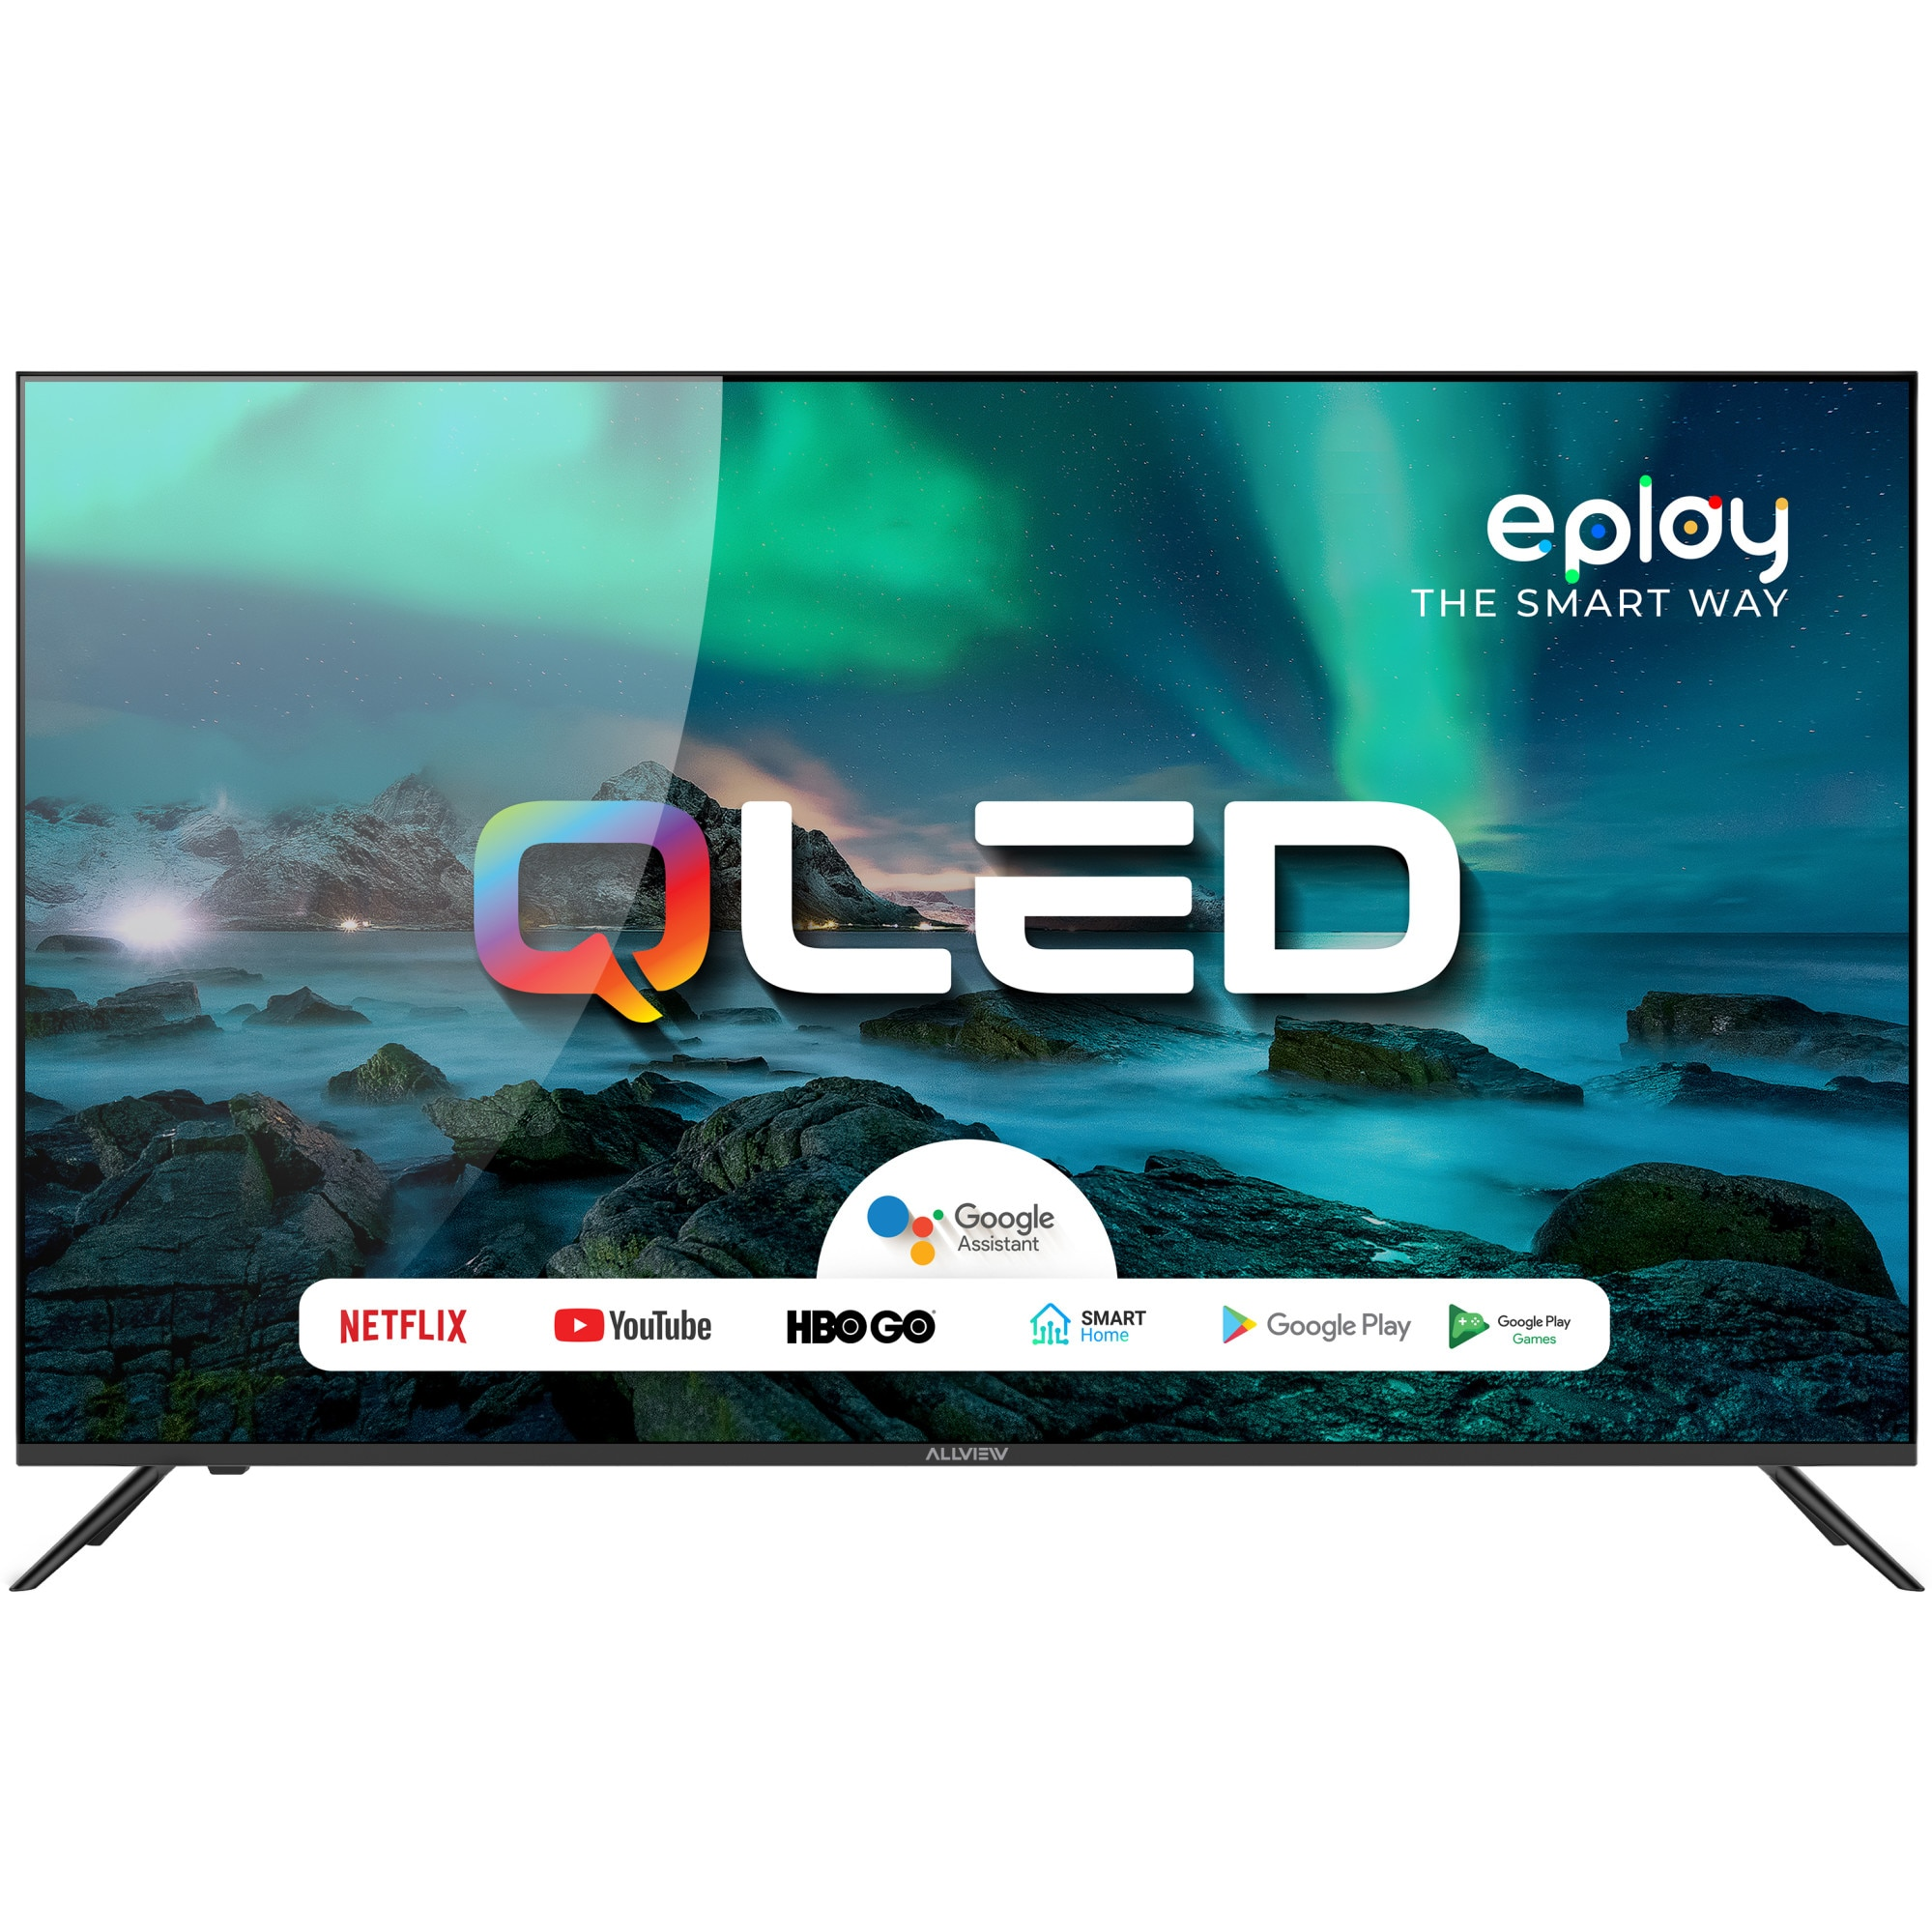 Fotografie Televizor Allview QL50Eplay6100-U, 126 cm, Smart, 4K Ultra HD, QLED, Clasa A